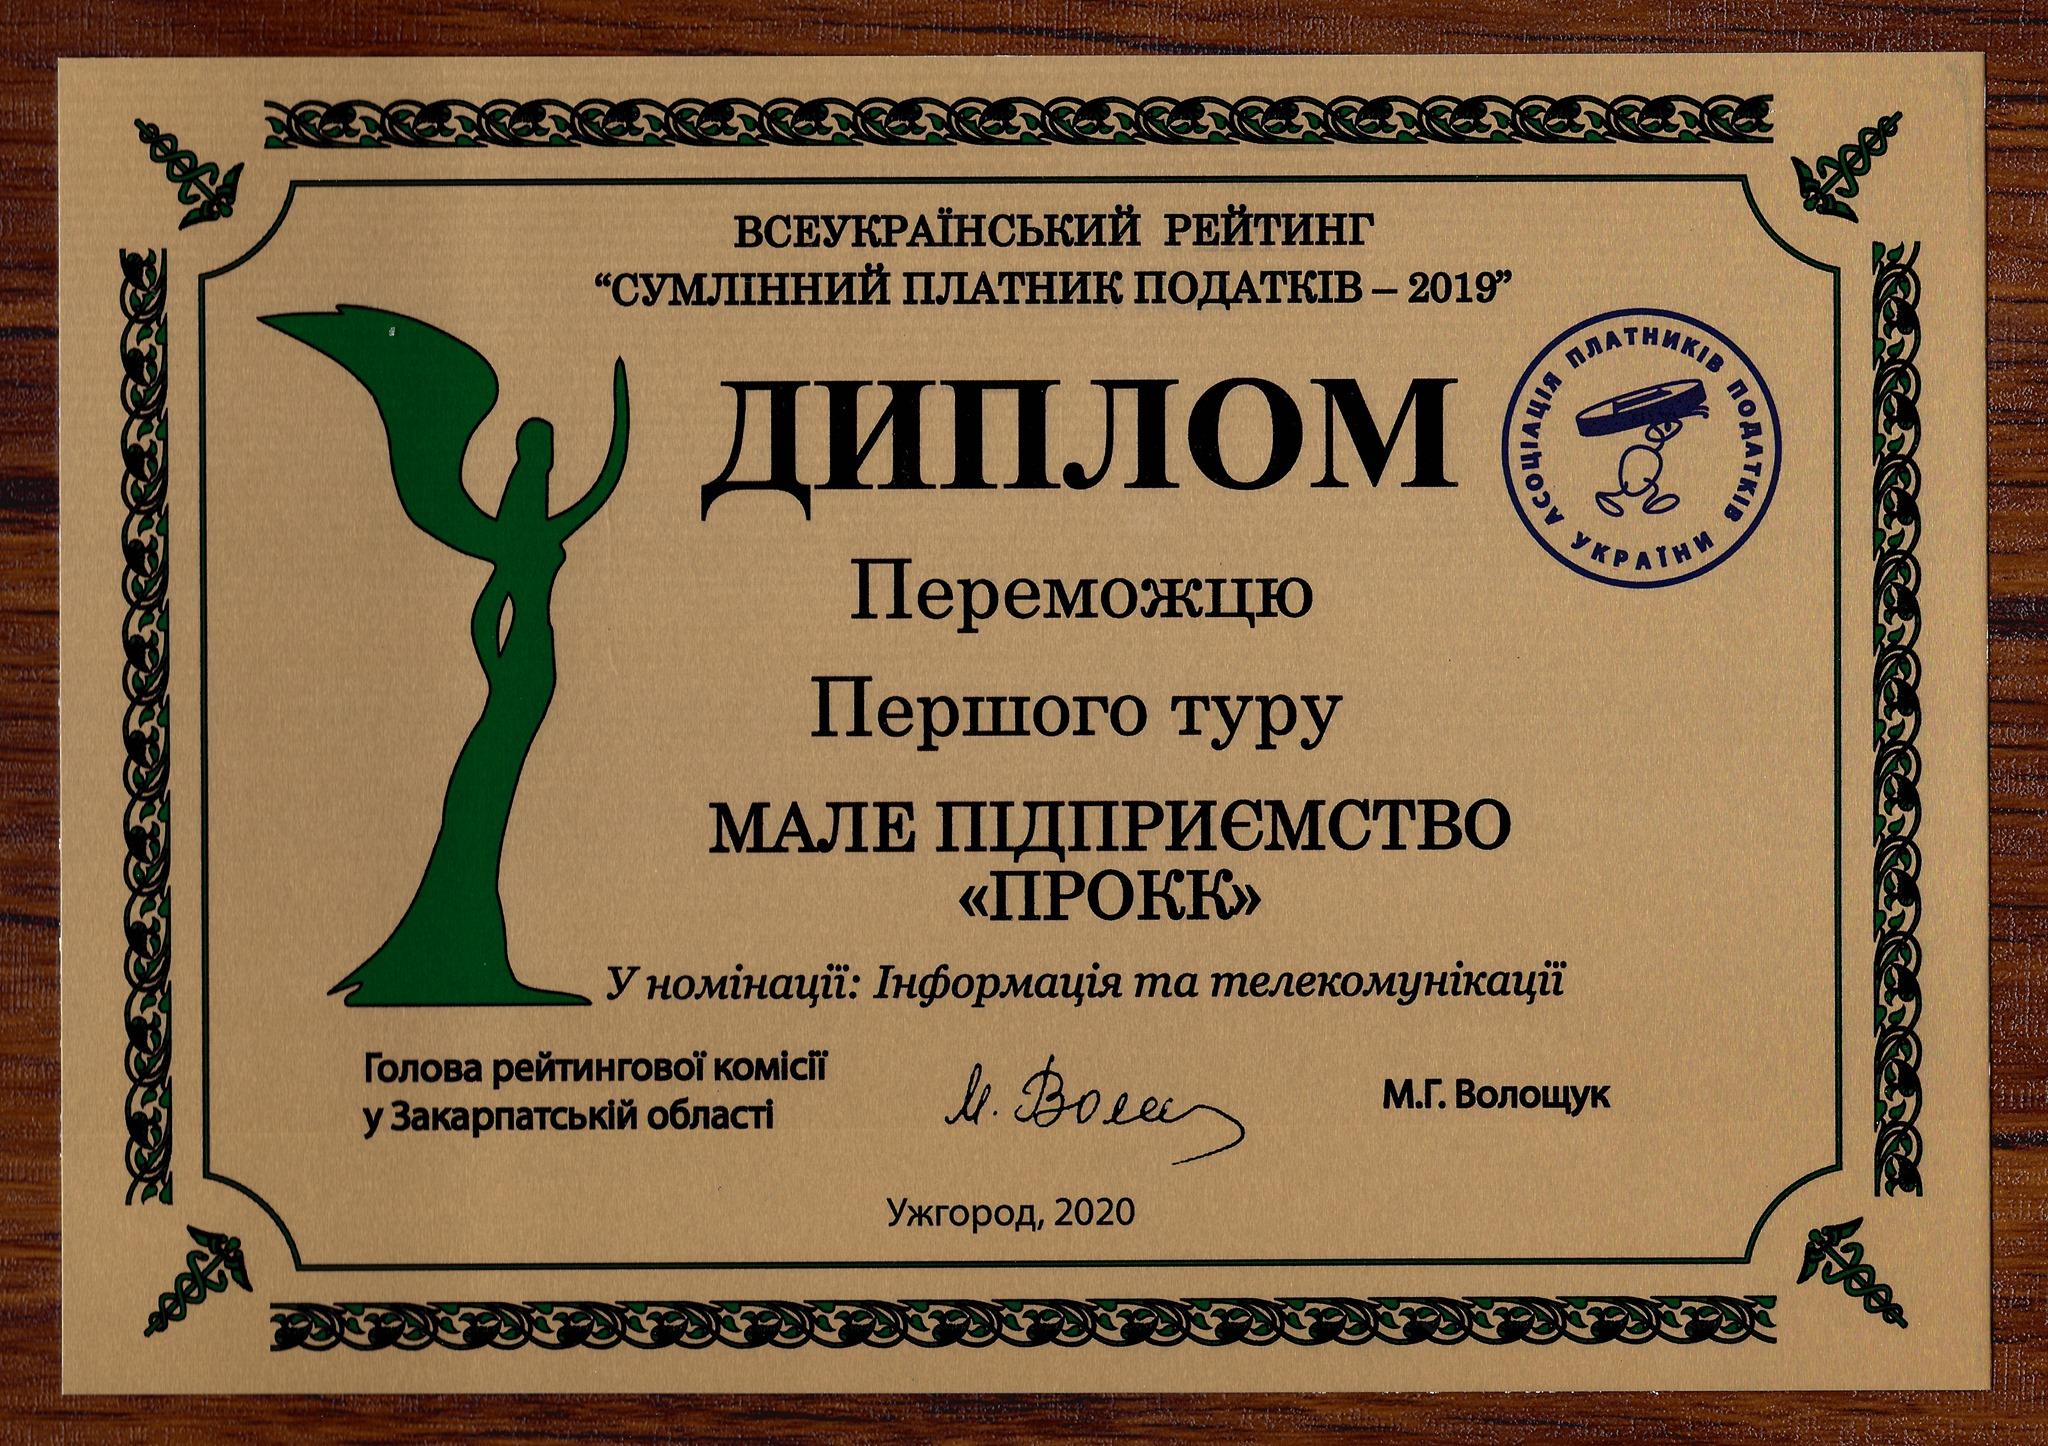 ПРОКК визнано переможцем рейтингу «Сумлінний платник податків-2019»